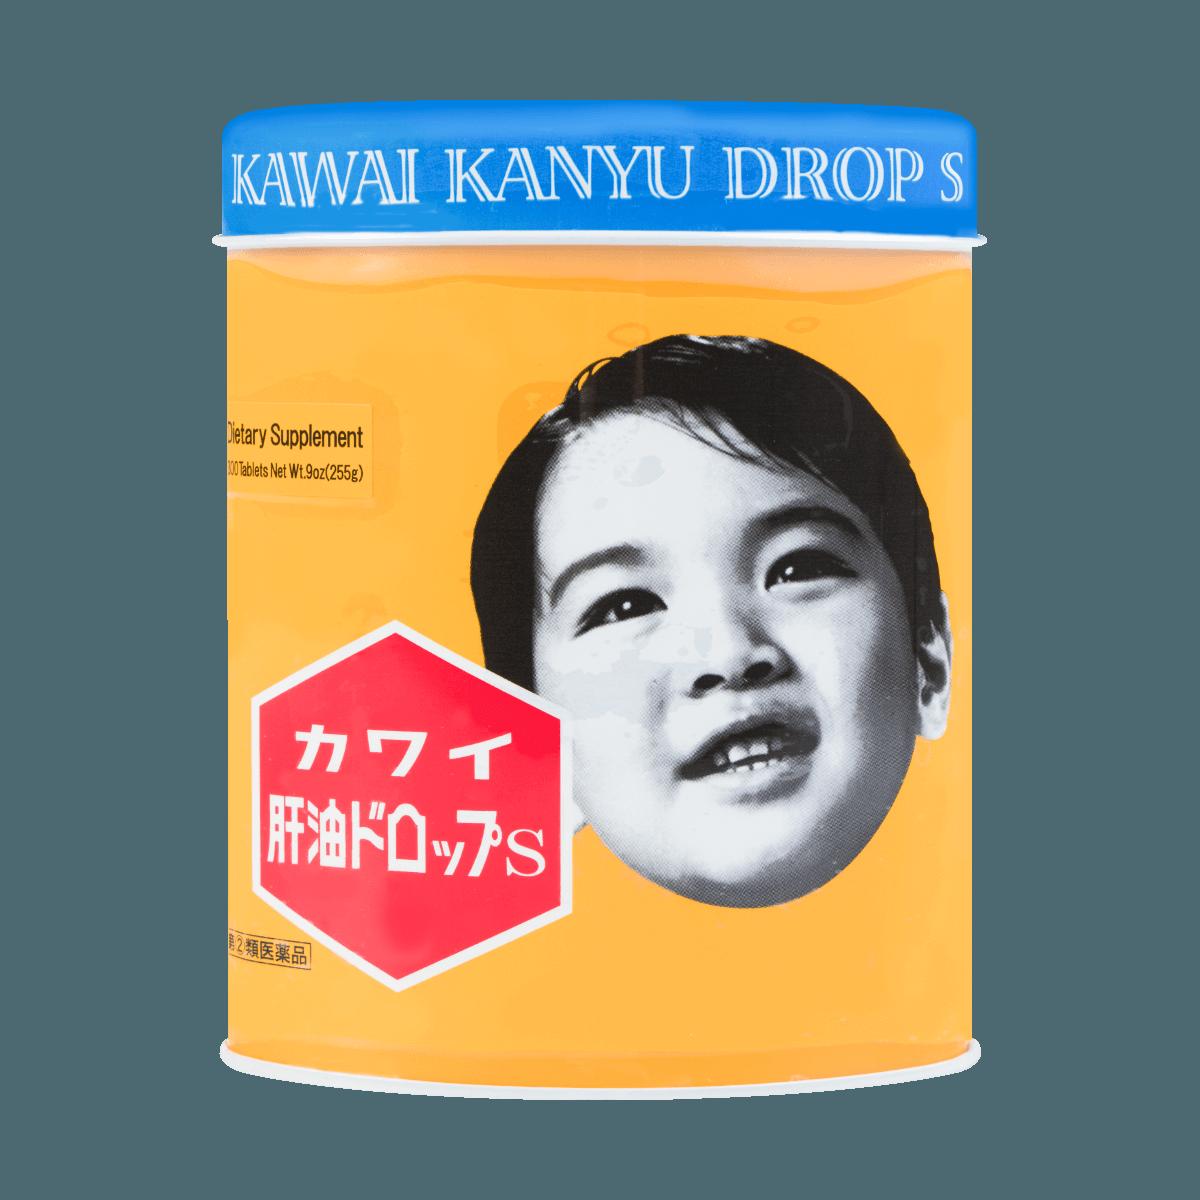 日本KAWAI 可咀嚼肝油丸维生素A&D鱼肝油 300粒 255g 怎么样 - 亚米网